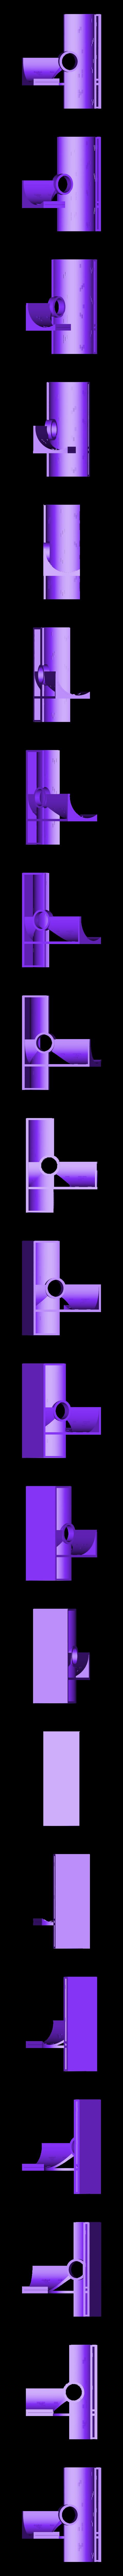 sewer_tjunc_top1.stl Télécharger fichier STL gratuit Ripper's London - Les égouts • Design pour imprimante 3D, Earsling